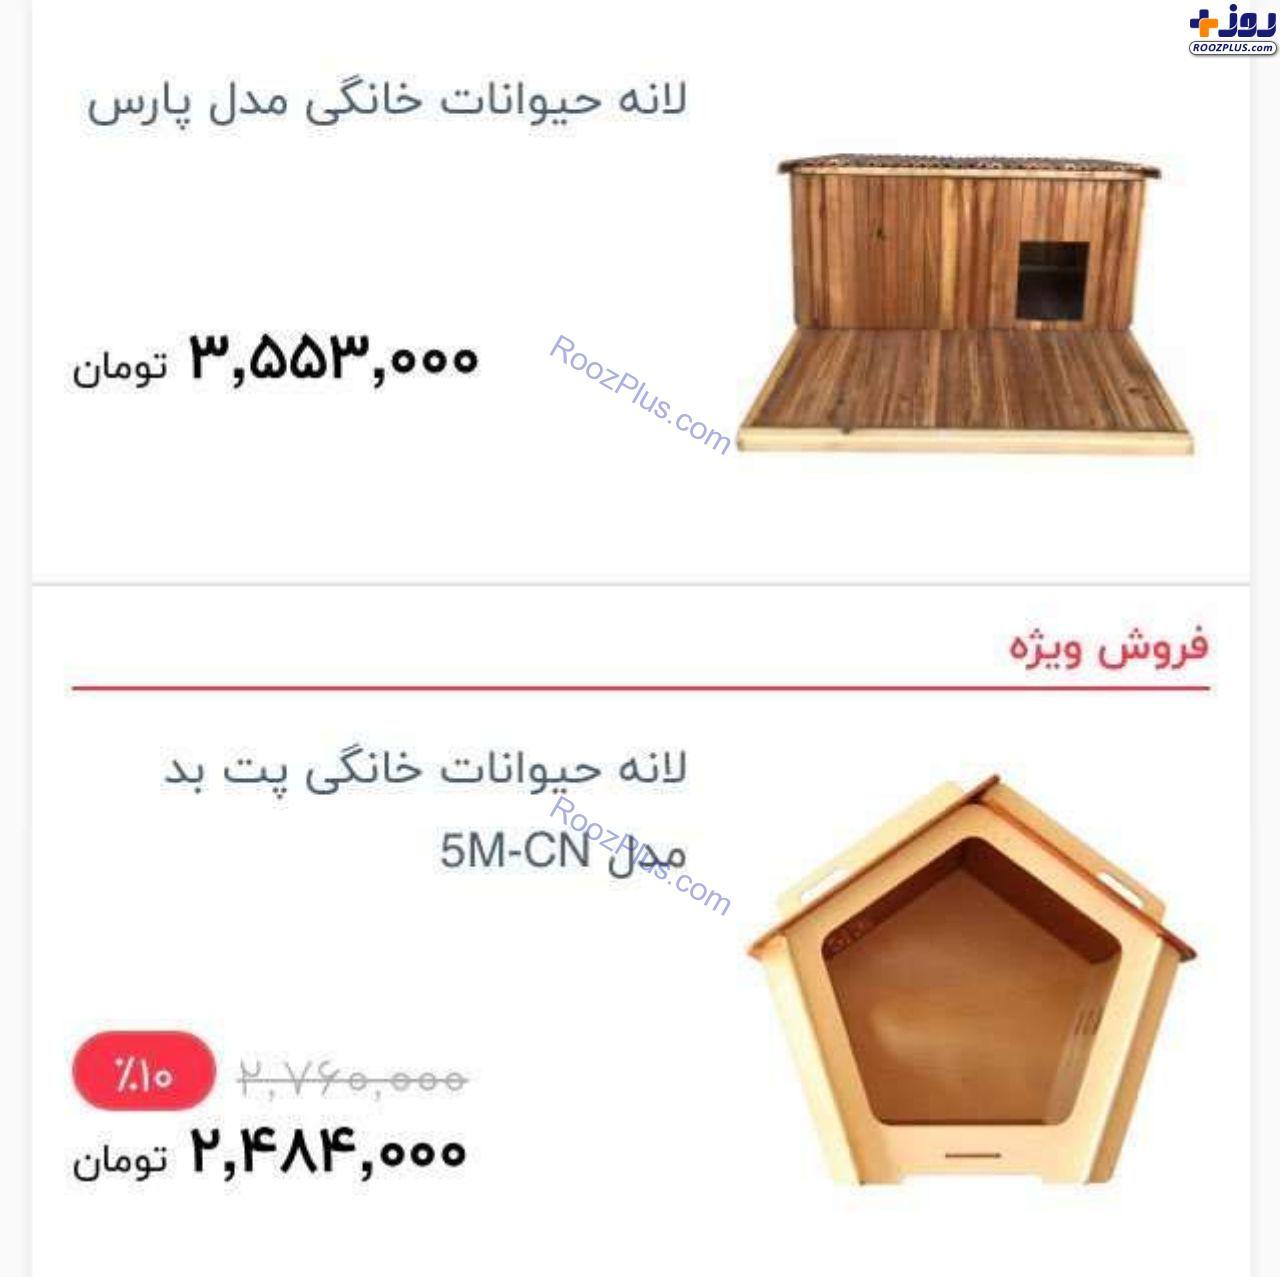 قیمت لانه سگ 3میلیون و 550 هزار تومان+عکس